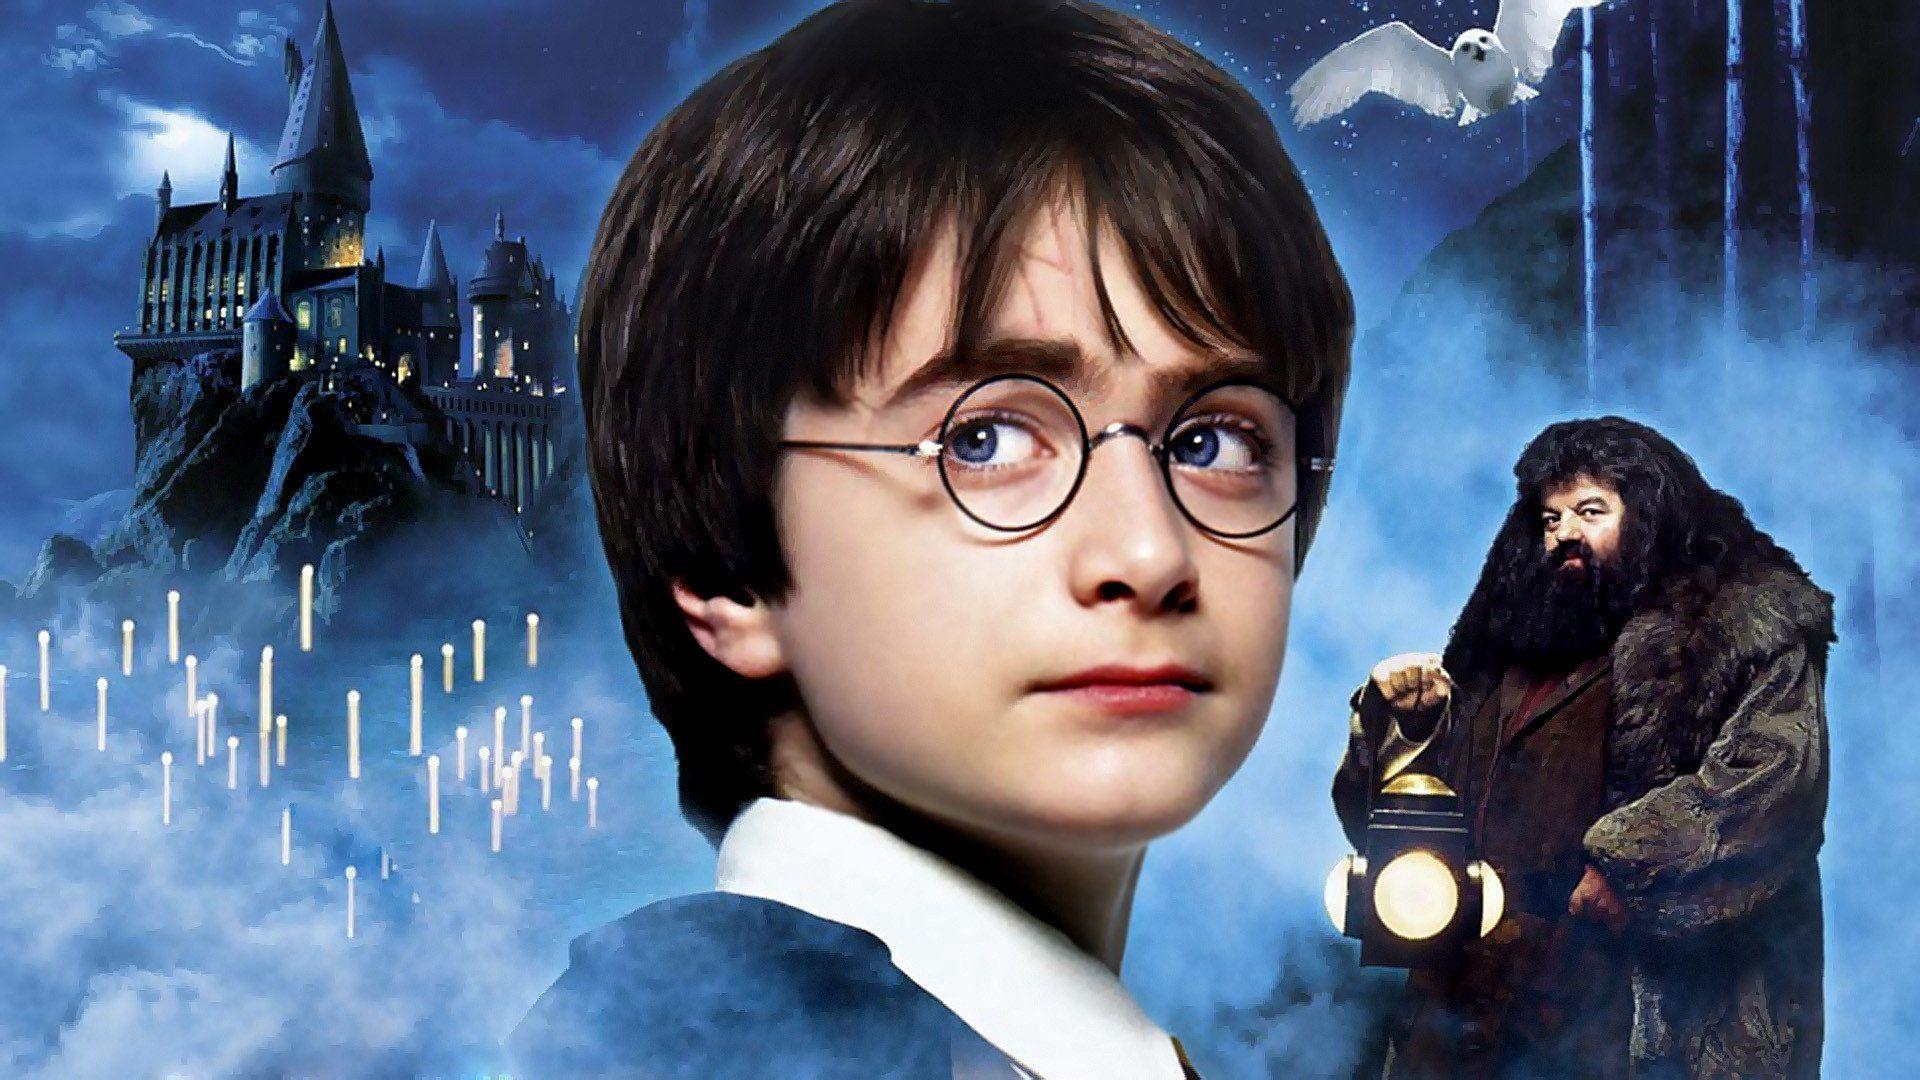 Pin Von Laura Warthold Auf Harry Potter Harry Potter Film Daniel Radcliffe Harry Potter Neue Filme